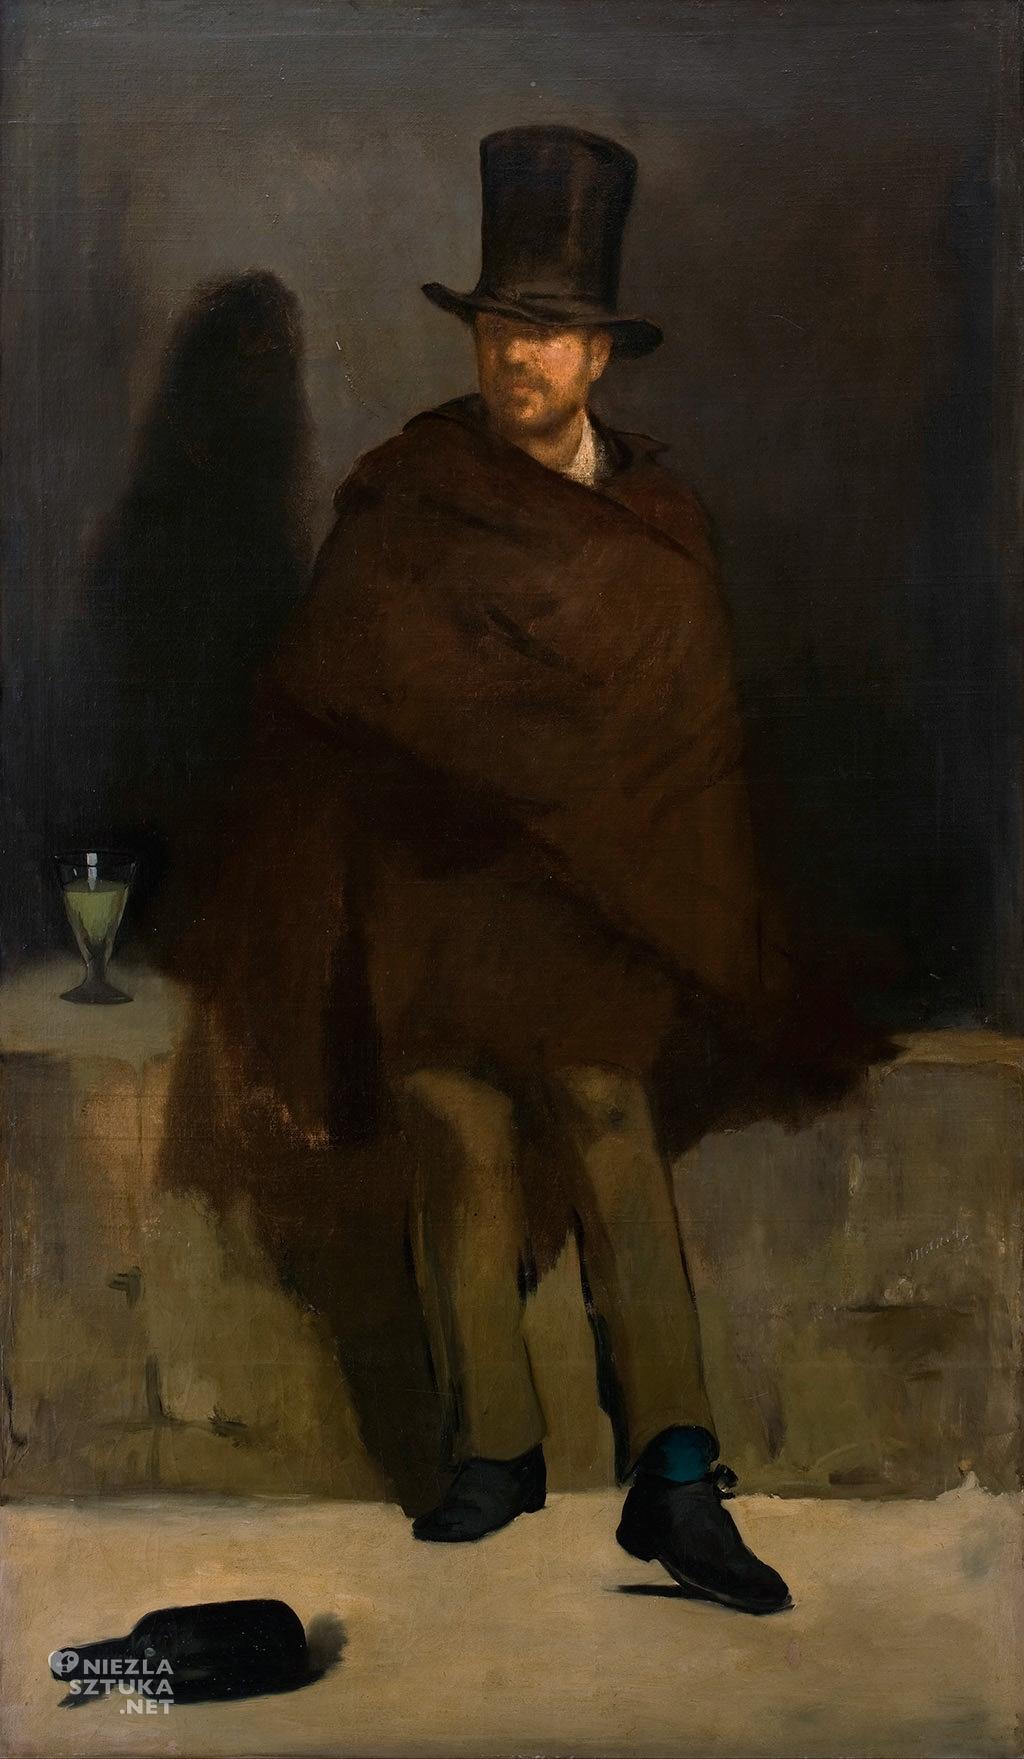 Édouard Manet, Pijący absynt |1859, olej, płótno, Ny Carlsberg Glyptotek w Kopenhadze